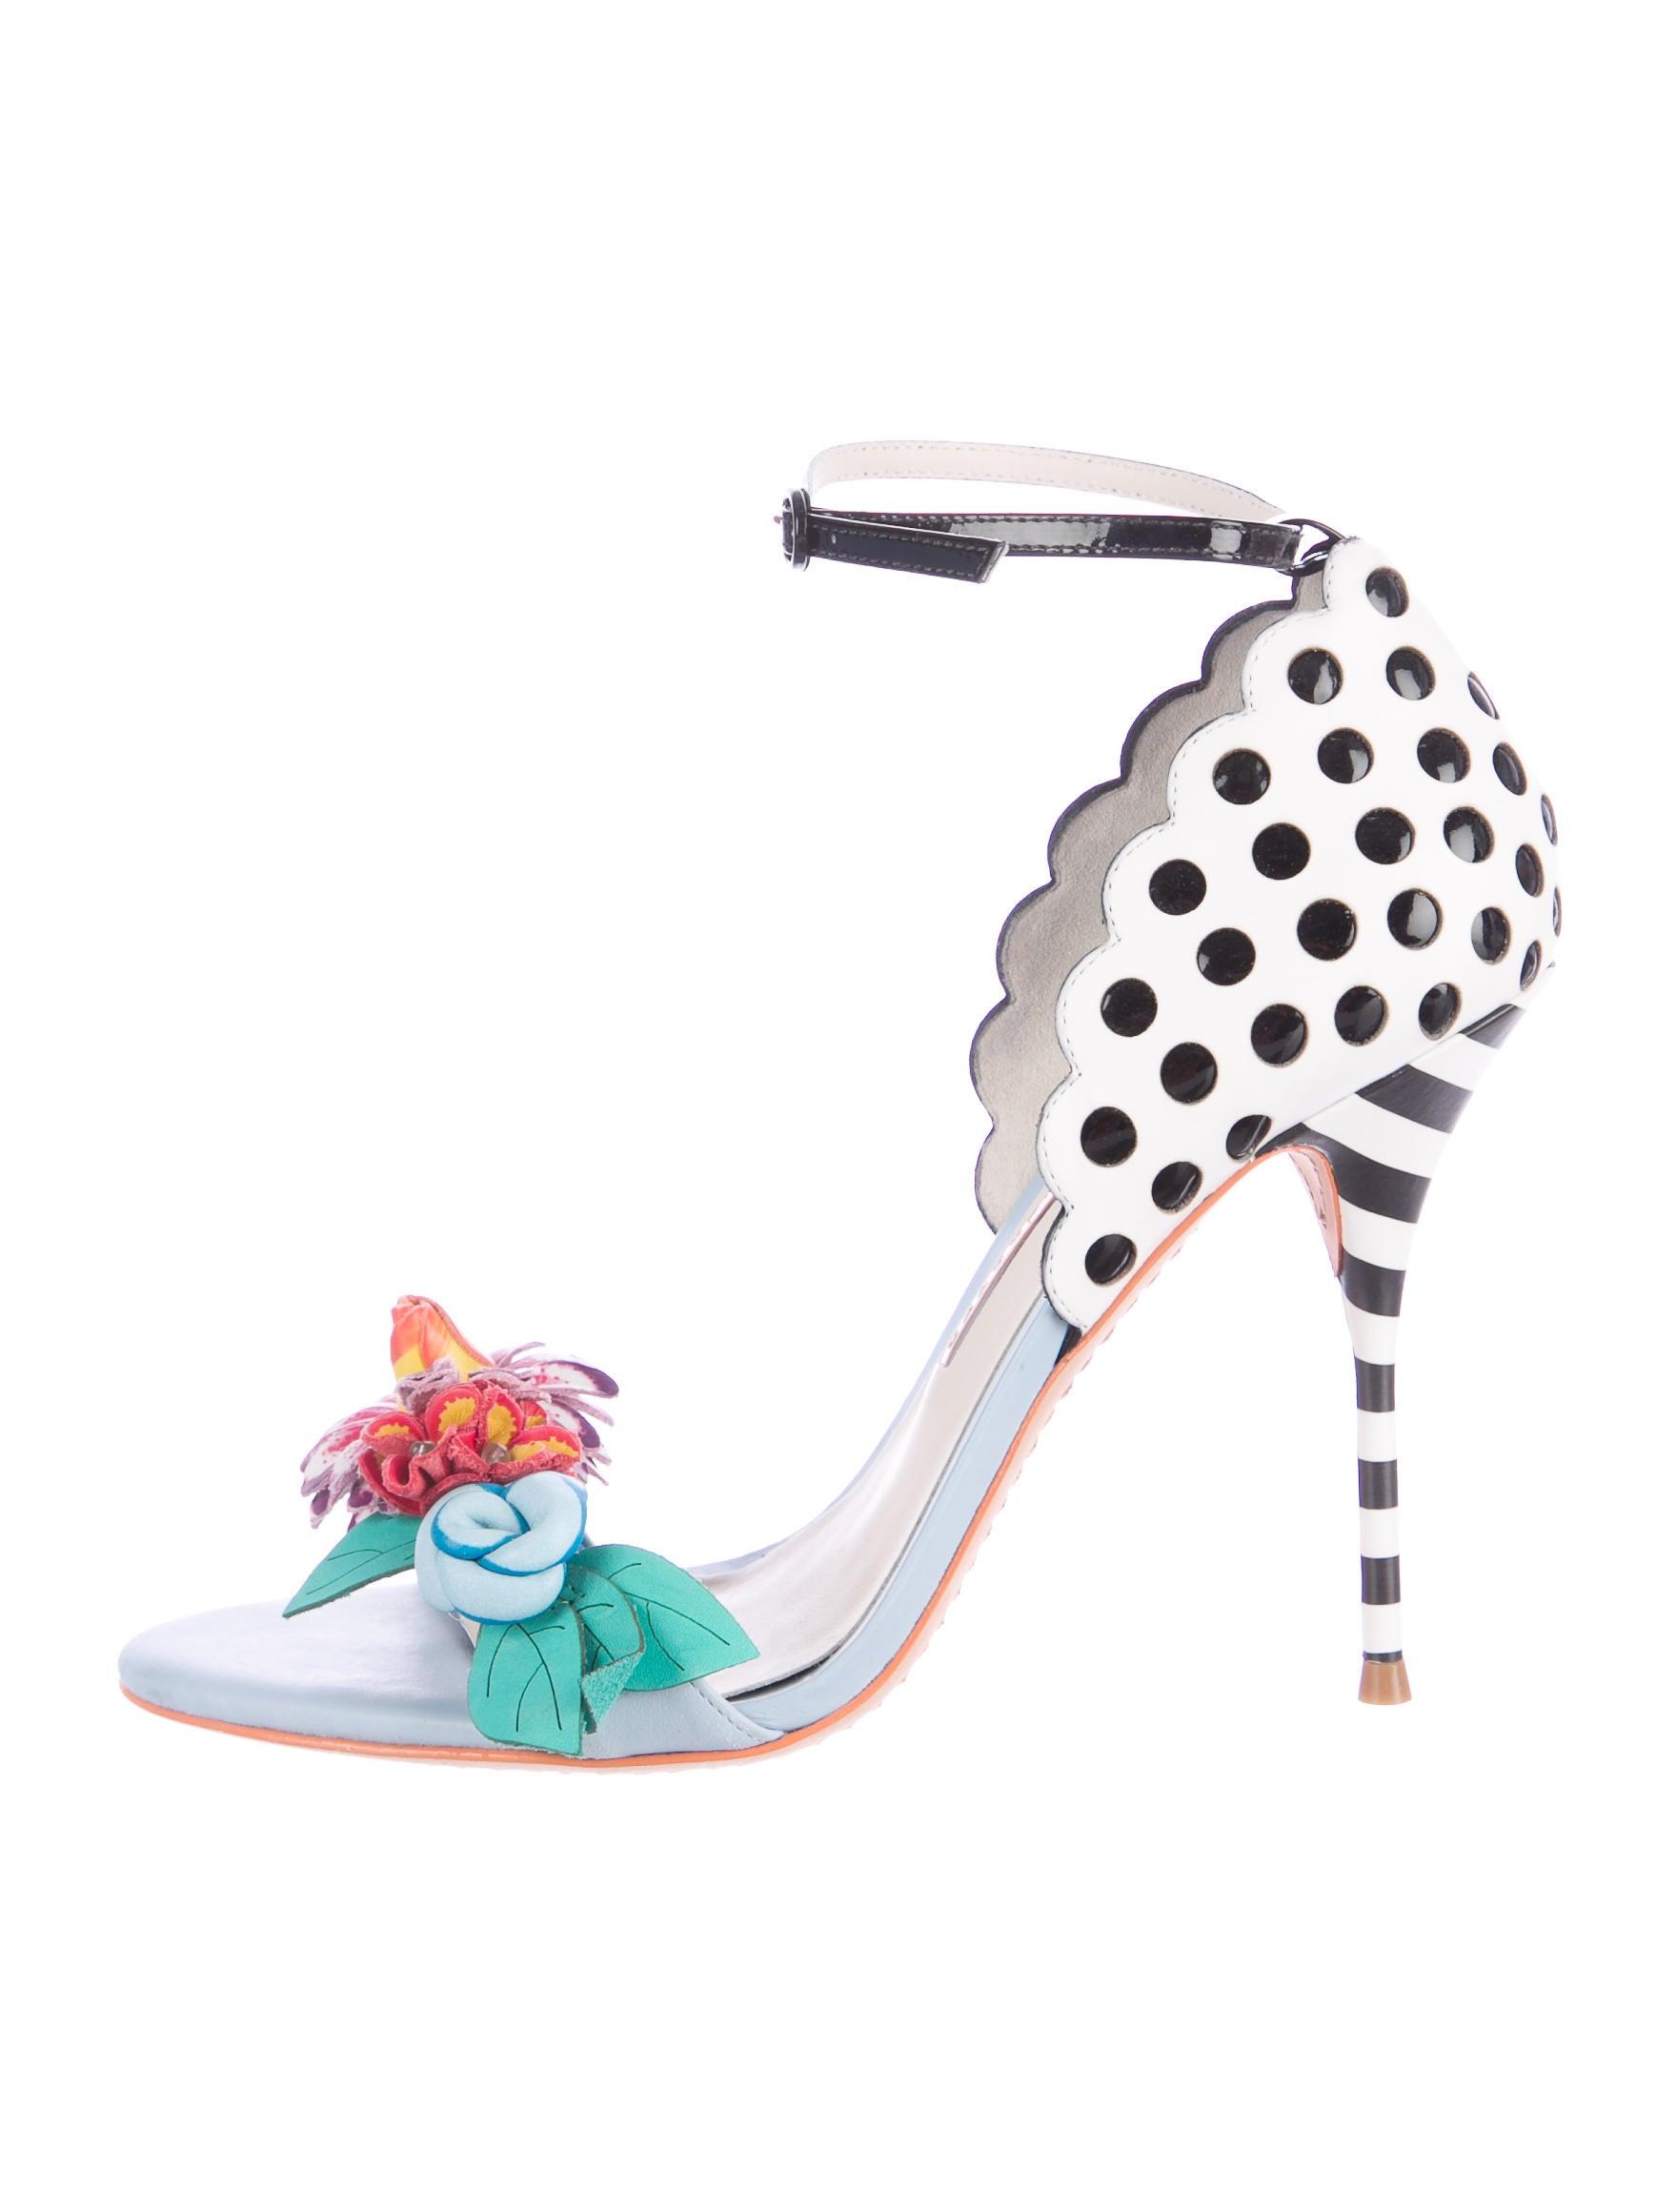 f480ab05e8a9 Sophia Webster Lilico Jungle Floral-Embellished Sandals - Shoes ...